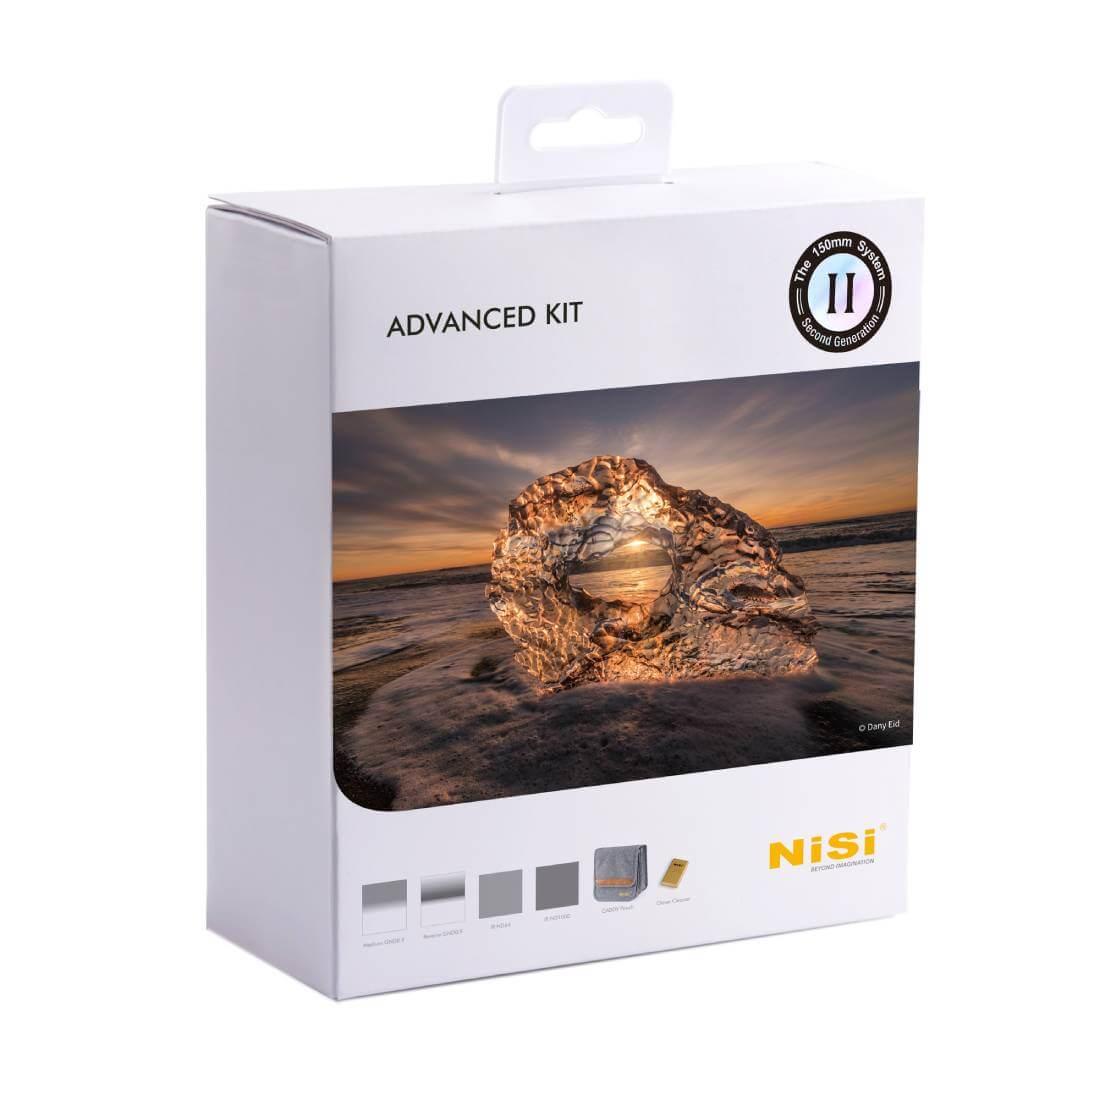 NiSi Advanced Kit 150 mm